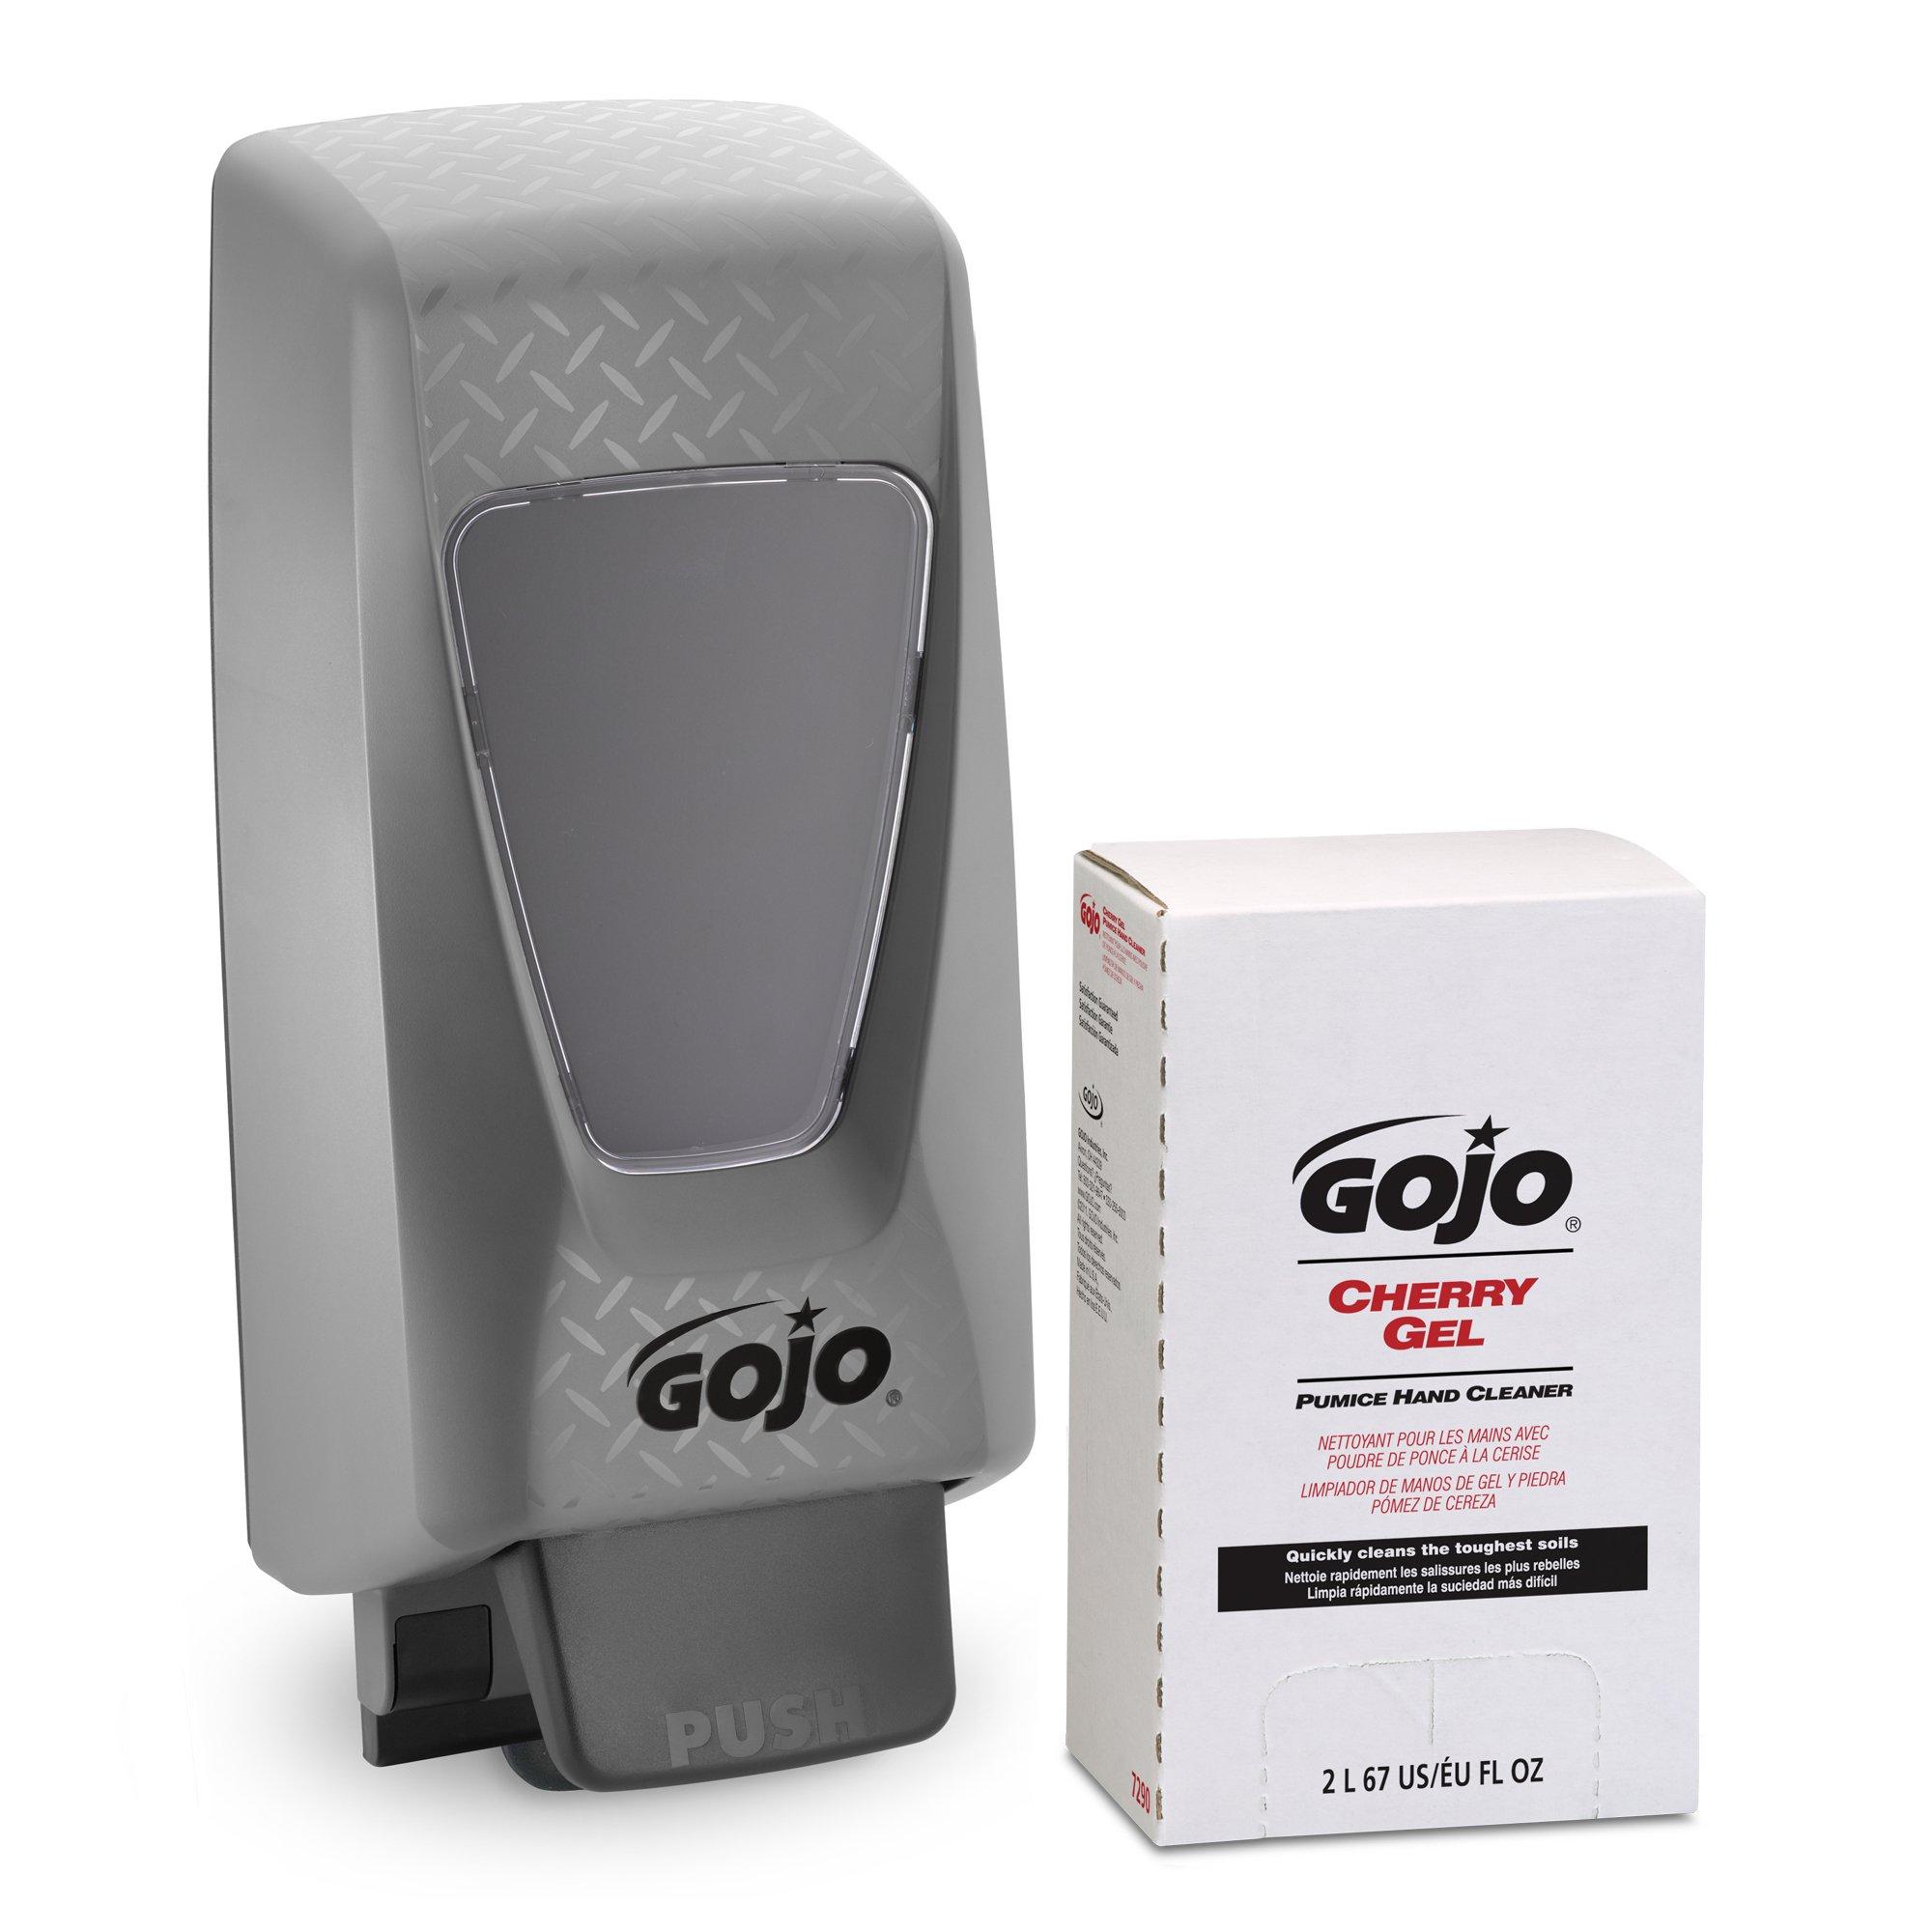 GOJO Cherry Gel Pumice Hand Cleaner, Cherry Fragrance, PRO TDX Starter Kit, 1-2000 mL Hand Cleaner Refill + 1 – GOJO PRO TDX Push Style Dispenser - 7290-D2